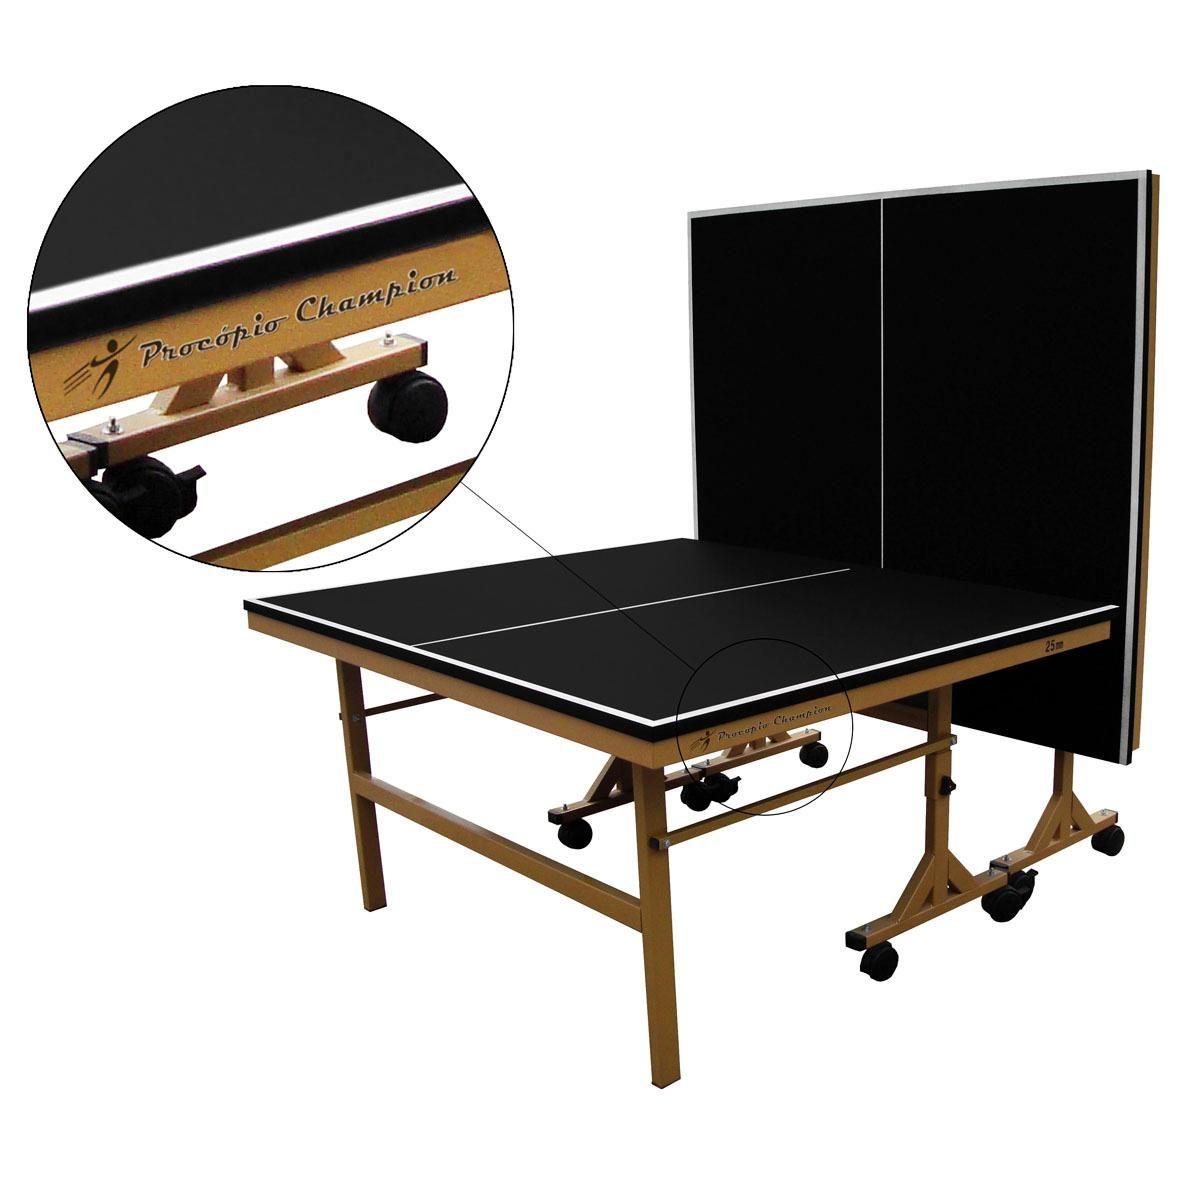 613925ad7 Tênis De Mesa Oficial Ping Pong Paredão MDP 25mm Procópio - Alaia Sports